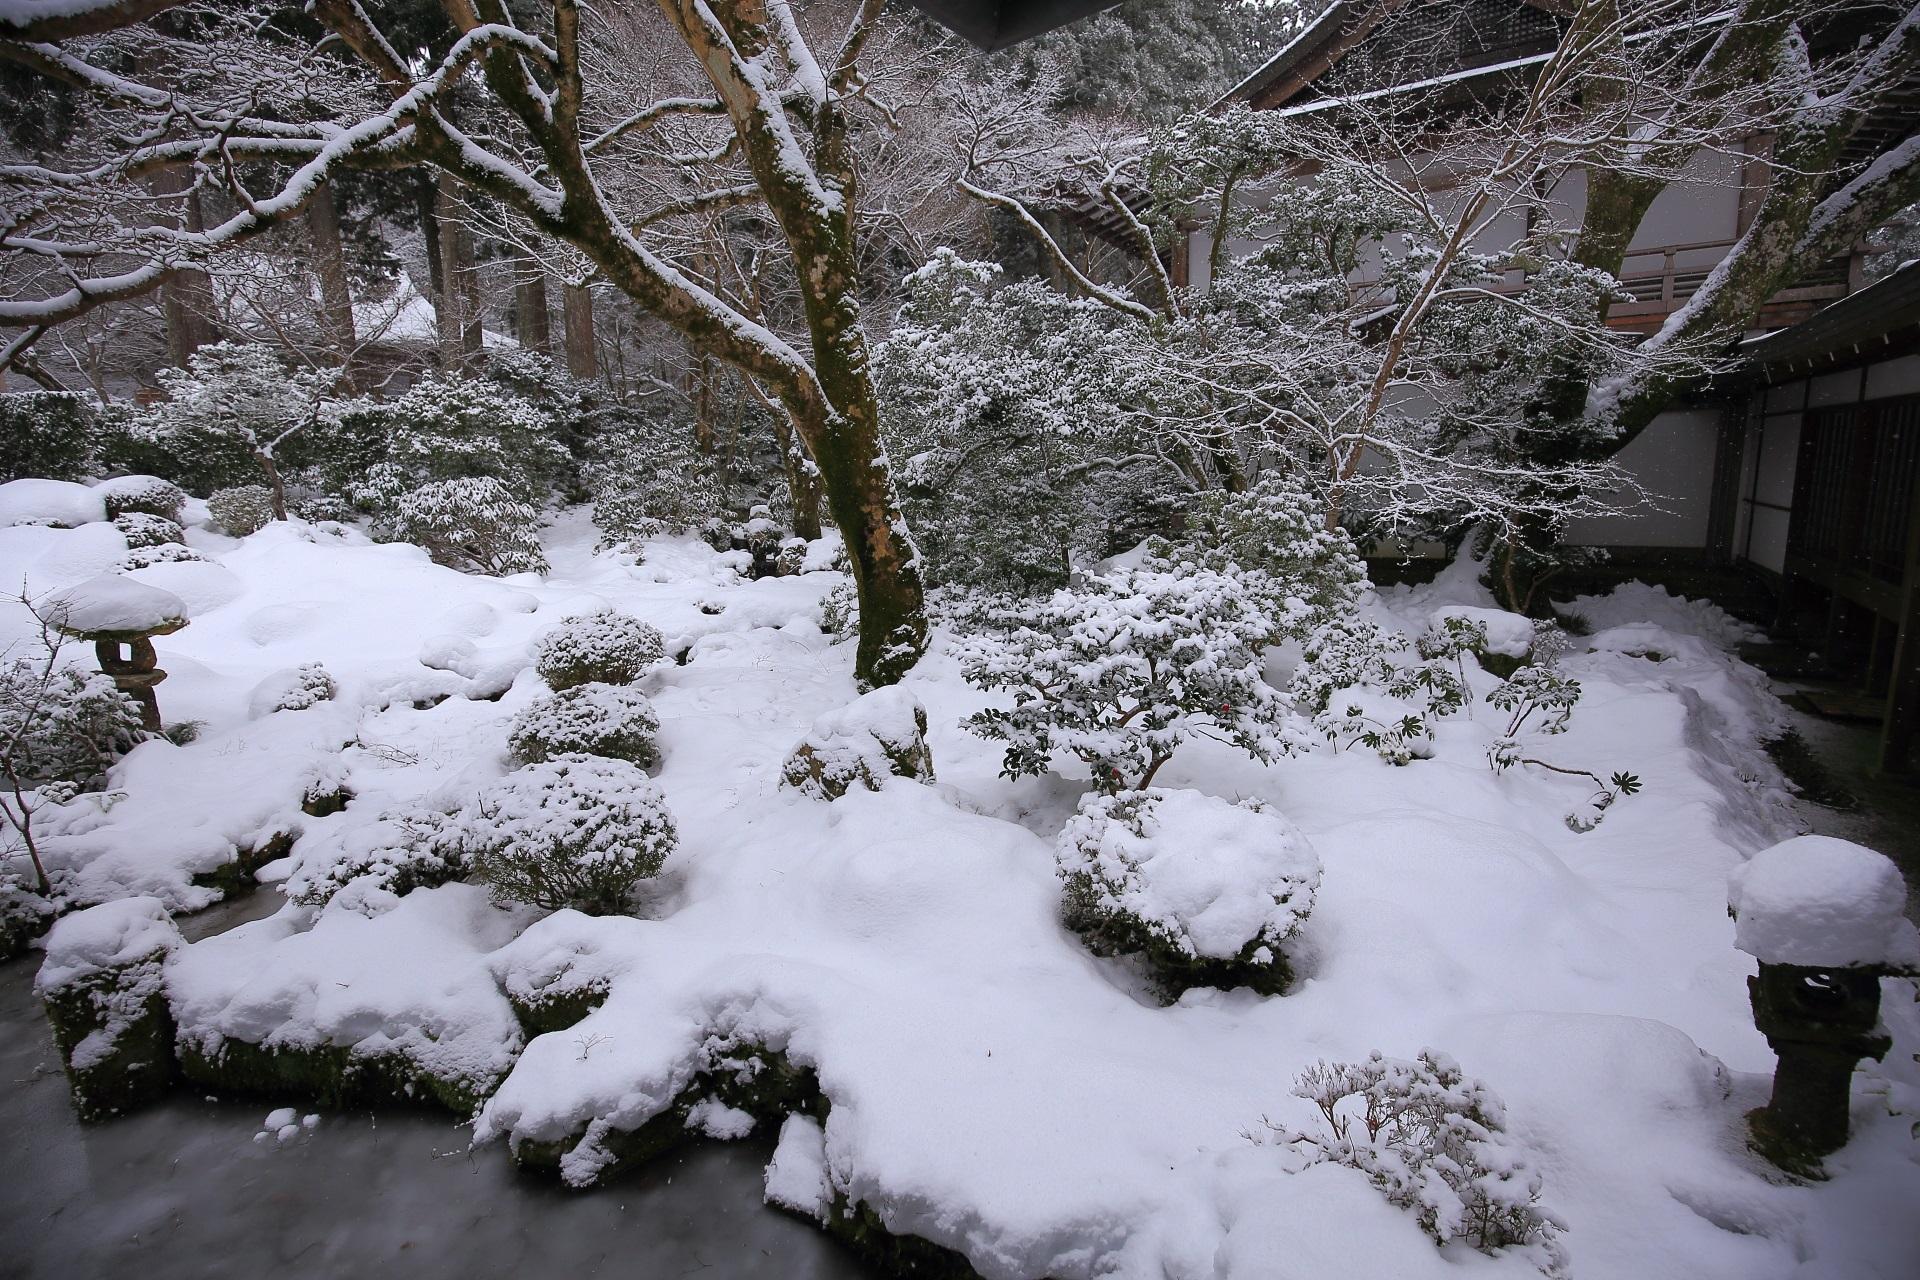 ふかふかの雪が積もった三千院の庭園